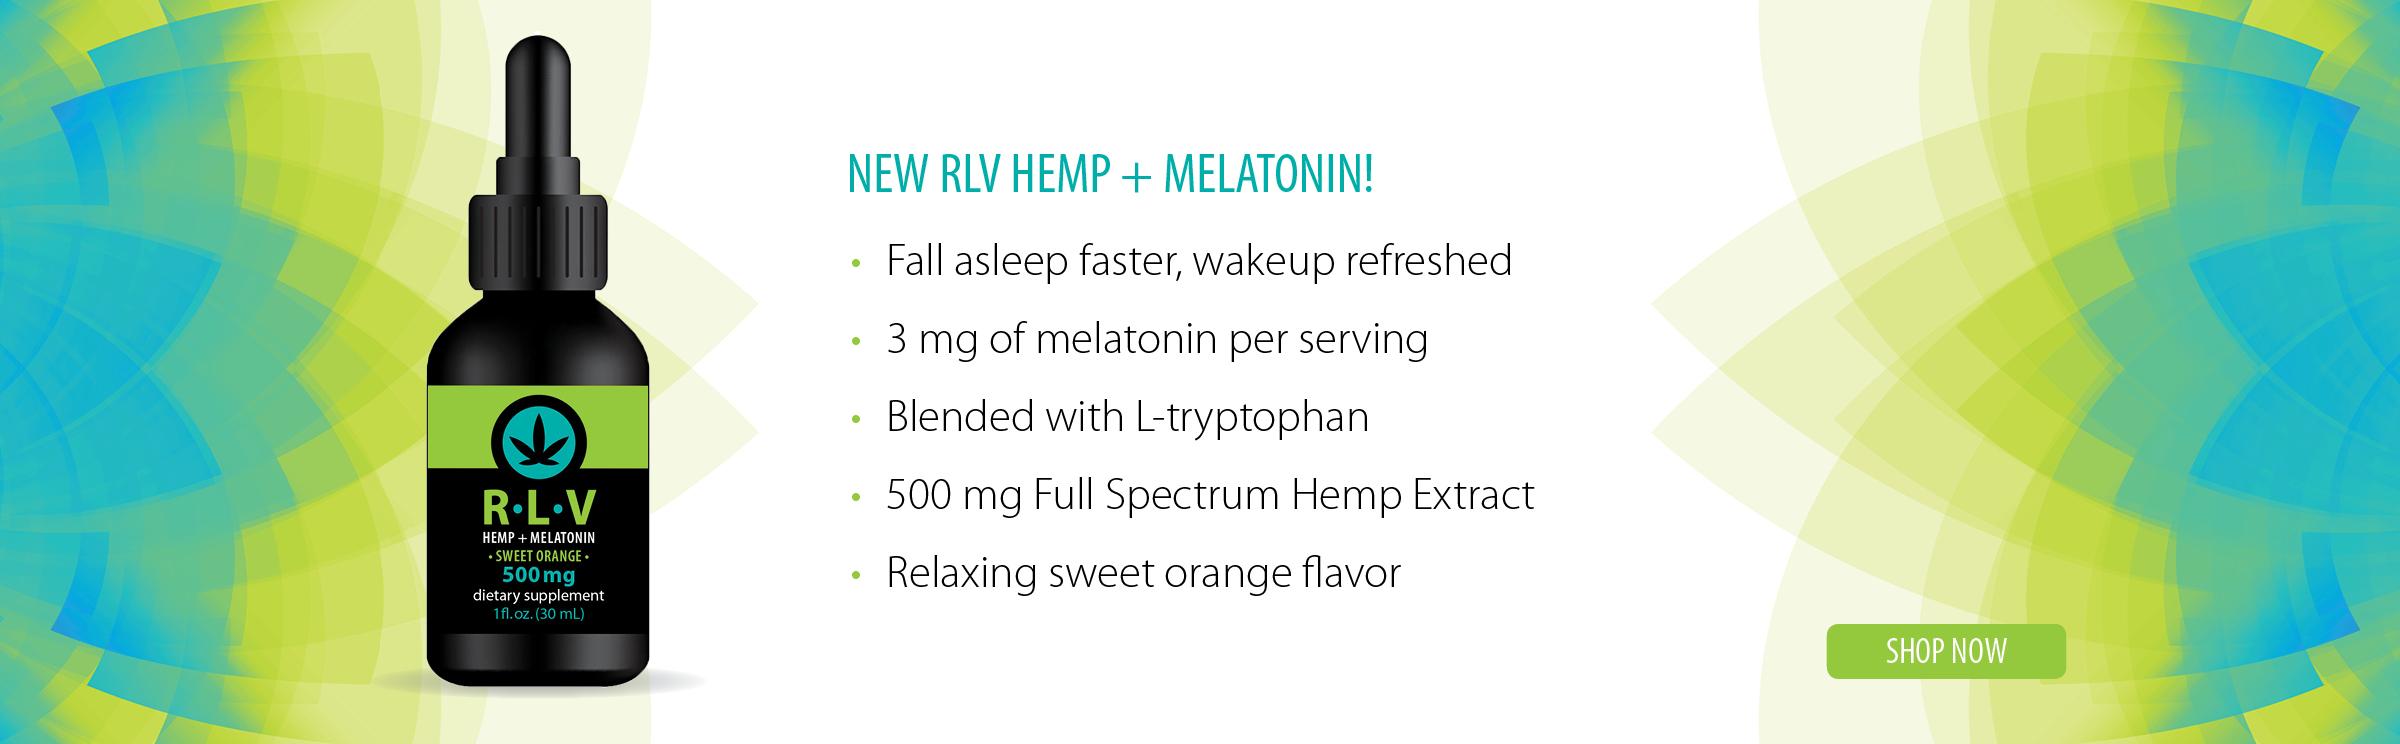 RLV Hemp + Melatonin